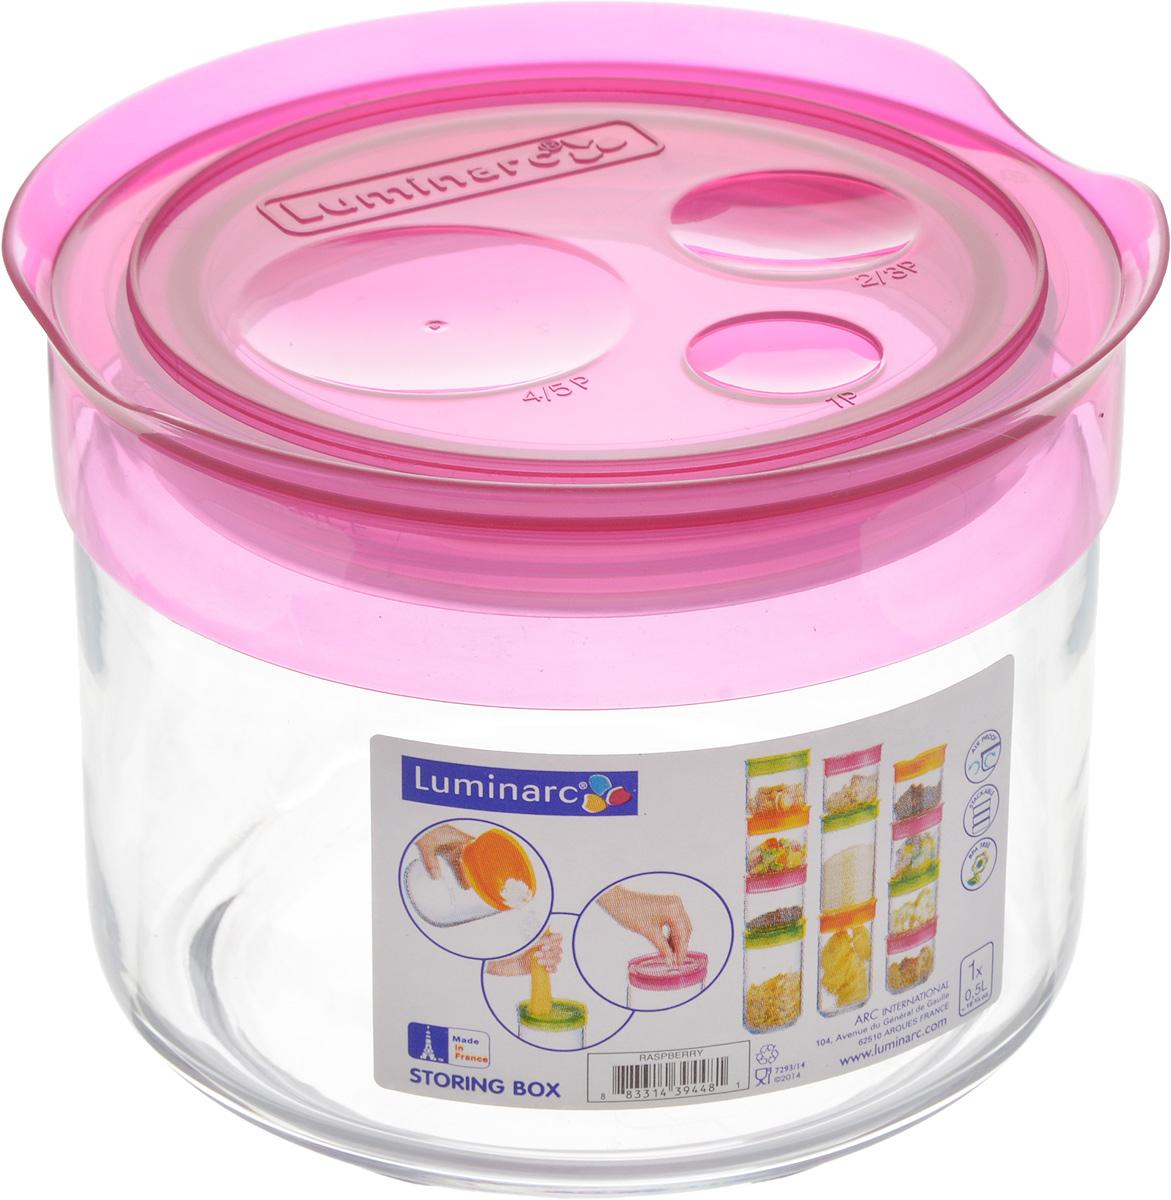 Банка для сыпучих продуктов Luminarc Storing Box, с крышкой, цвет: малиновый, 500 млFA-5126-2 WhiteБанка Luminarc Storing Box, выполненная из упрочненного стекла, станет незаменимым помощником на кухне. В ней будет удобно хранить разнообразные сыпучие продукты, такие как кофе, сахар, соль или специи. Прозрачная банка позволит следить, что и в каком количестве находится внутри. Банка надежно закрывается пластиковой крышкой, которая снабжена резиновым уплотнителем для лучшей фиксации. Такая банка не только сэкономит место на вашей кухне, но и украсит интерьер.Объем: 500 мл.Диаметр банки (по верхнему краю): 9 см.Высота банки (без учета крышки): 8 см.